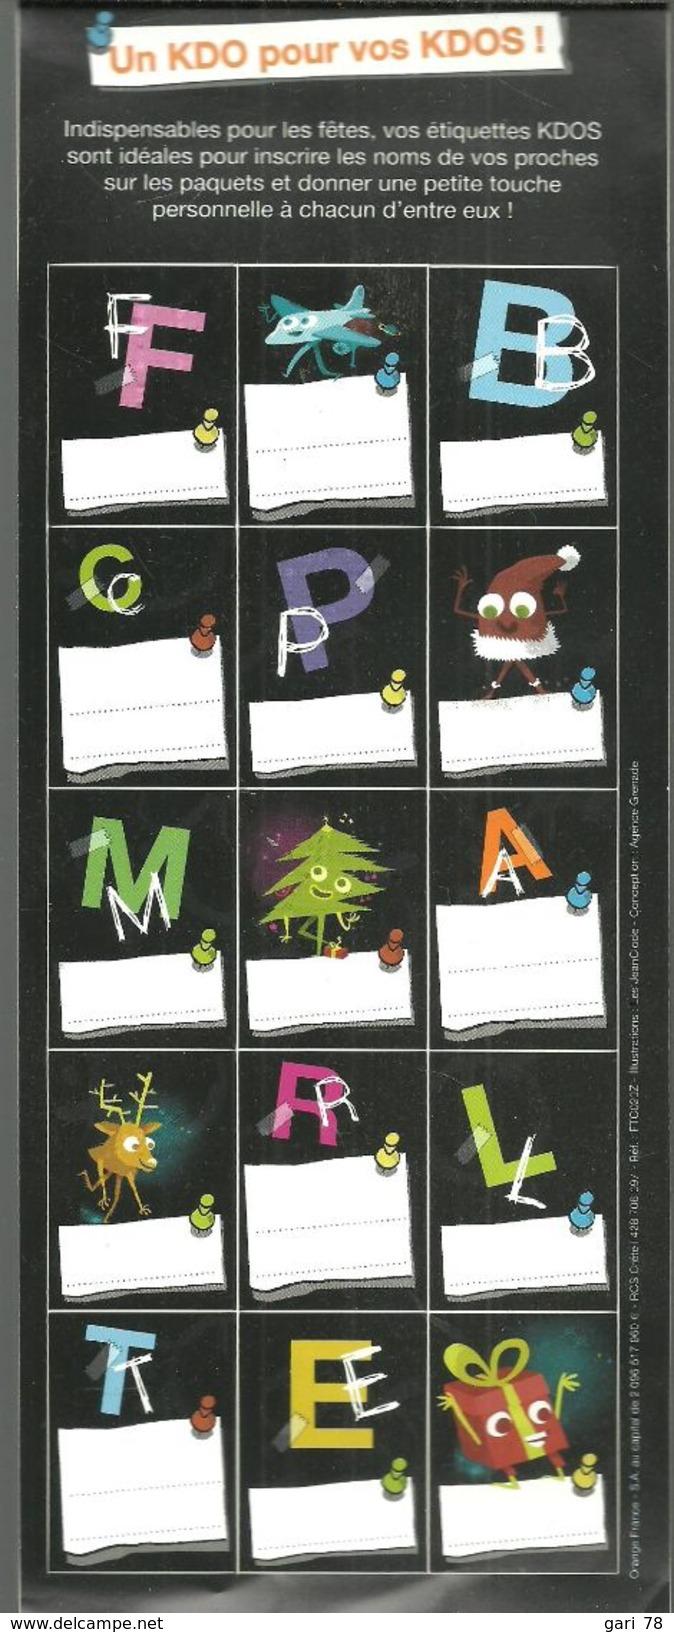 Planche De 15 étiquettes Autocollantes KDOS à Apposer Sur Les Paquets Cadeaux - Vignettes Autocollantes